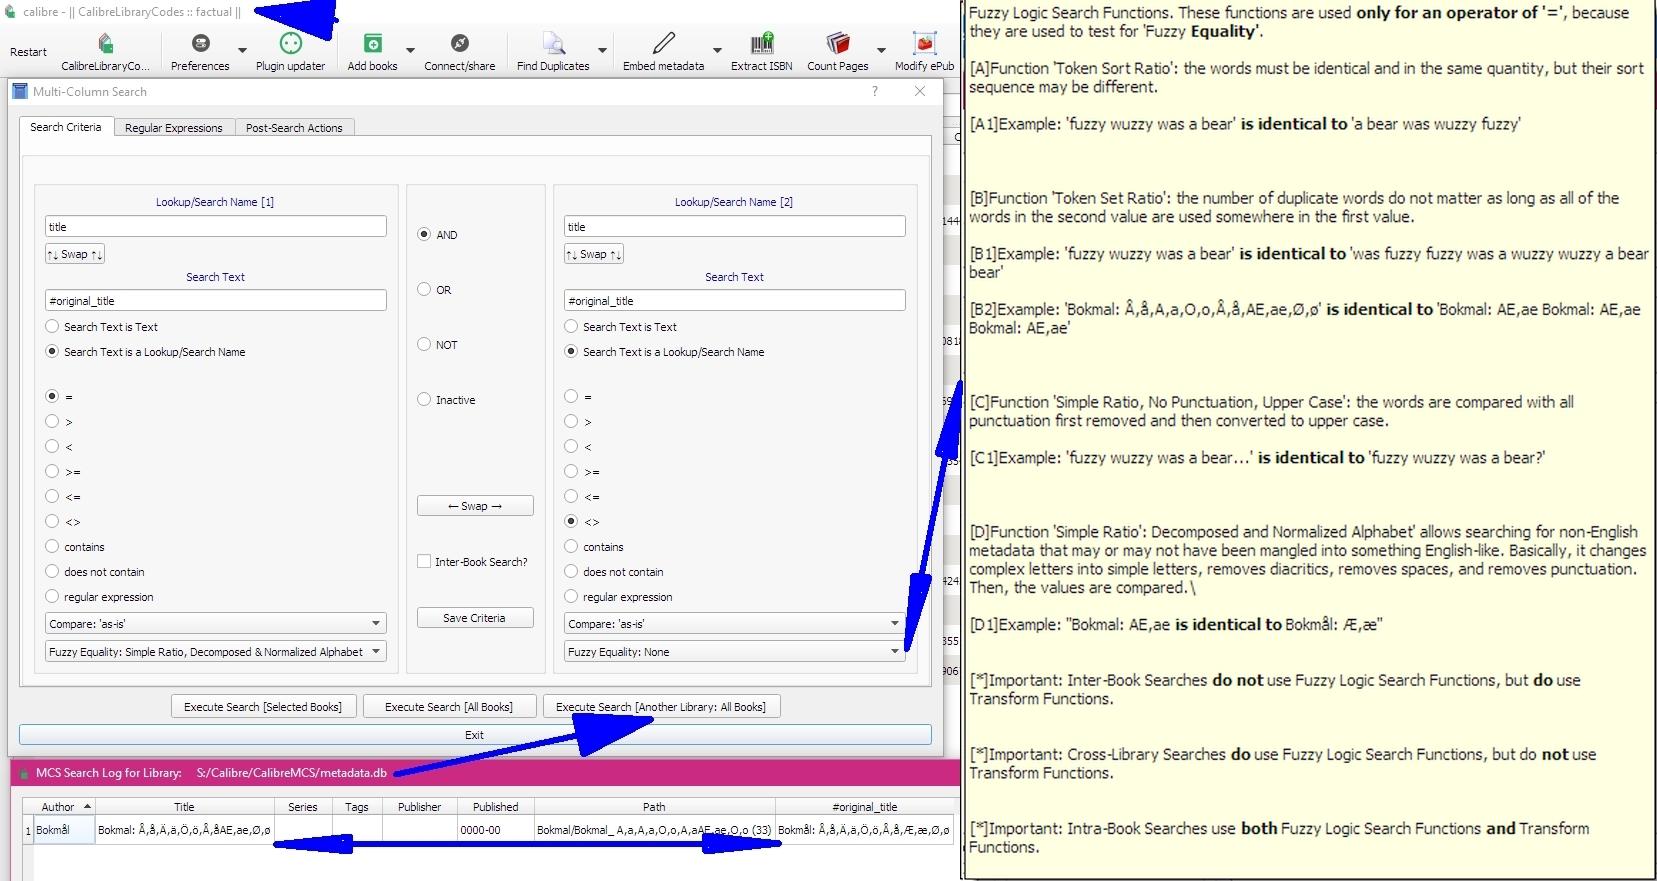 GUI Plugin] Multi-Column Search - MobileRead Forums